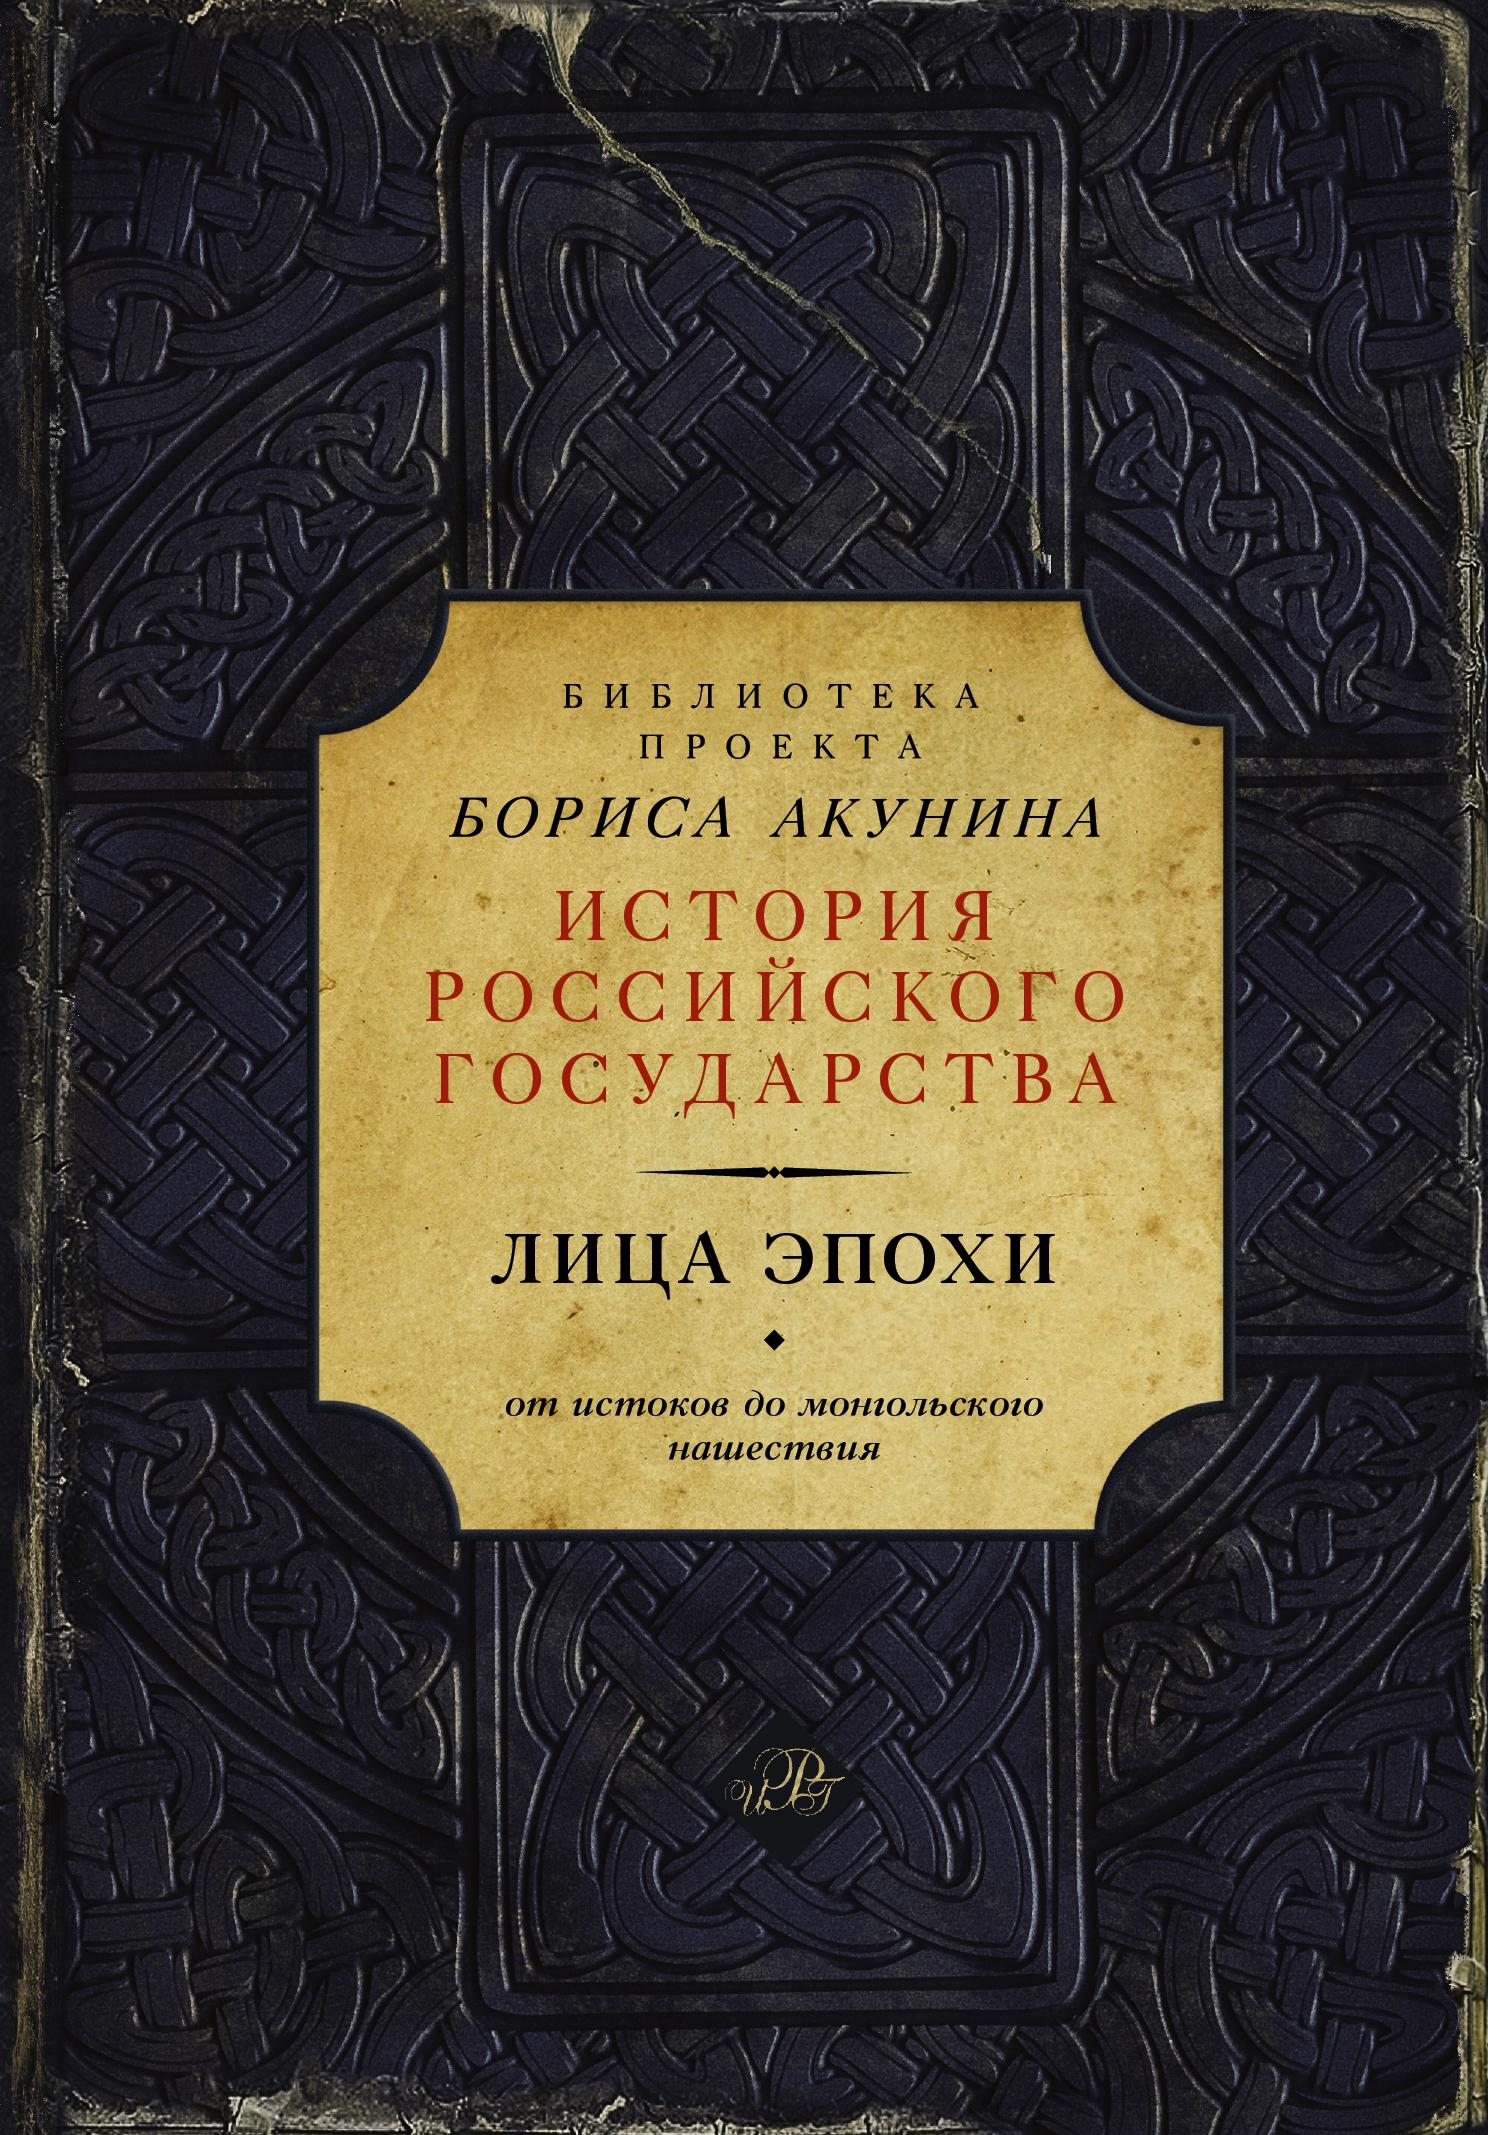 Акунин Б. Лица эпохи (Библиотека проекта Бориса Акунина ИРГ) коровин в конец проекта украина